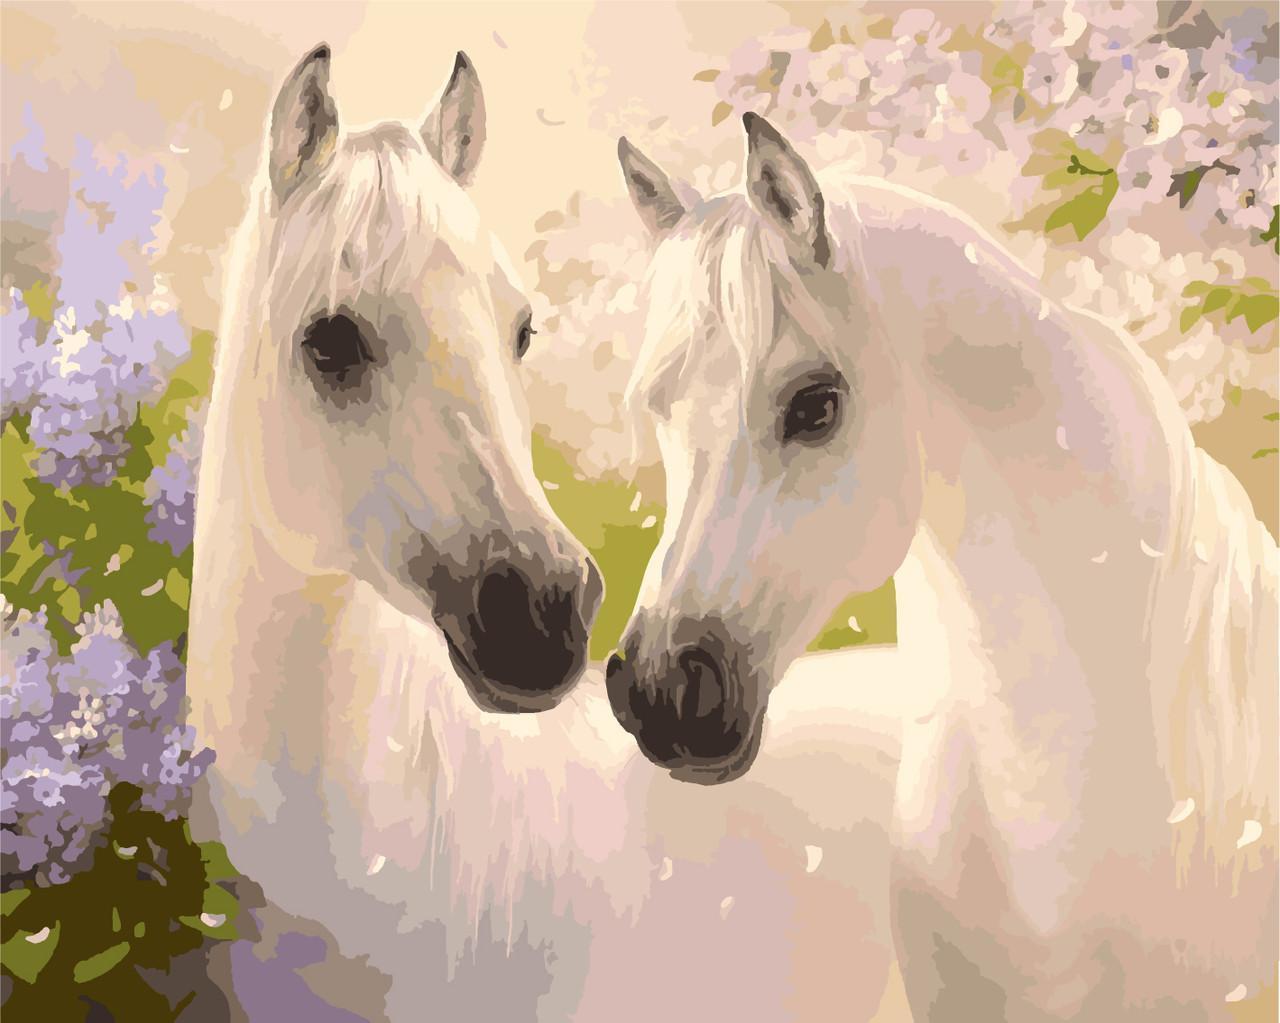 Картина рисование по номерам Идейка Пара лошадей 40х50см КНО2433 набор для росписи, краски, кисти, холст